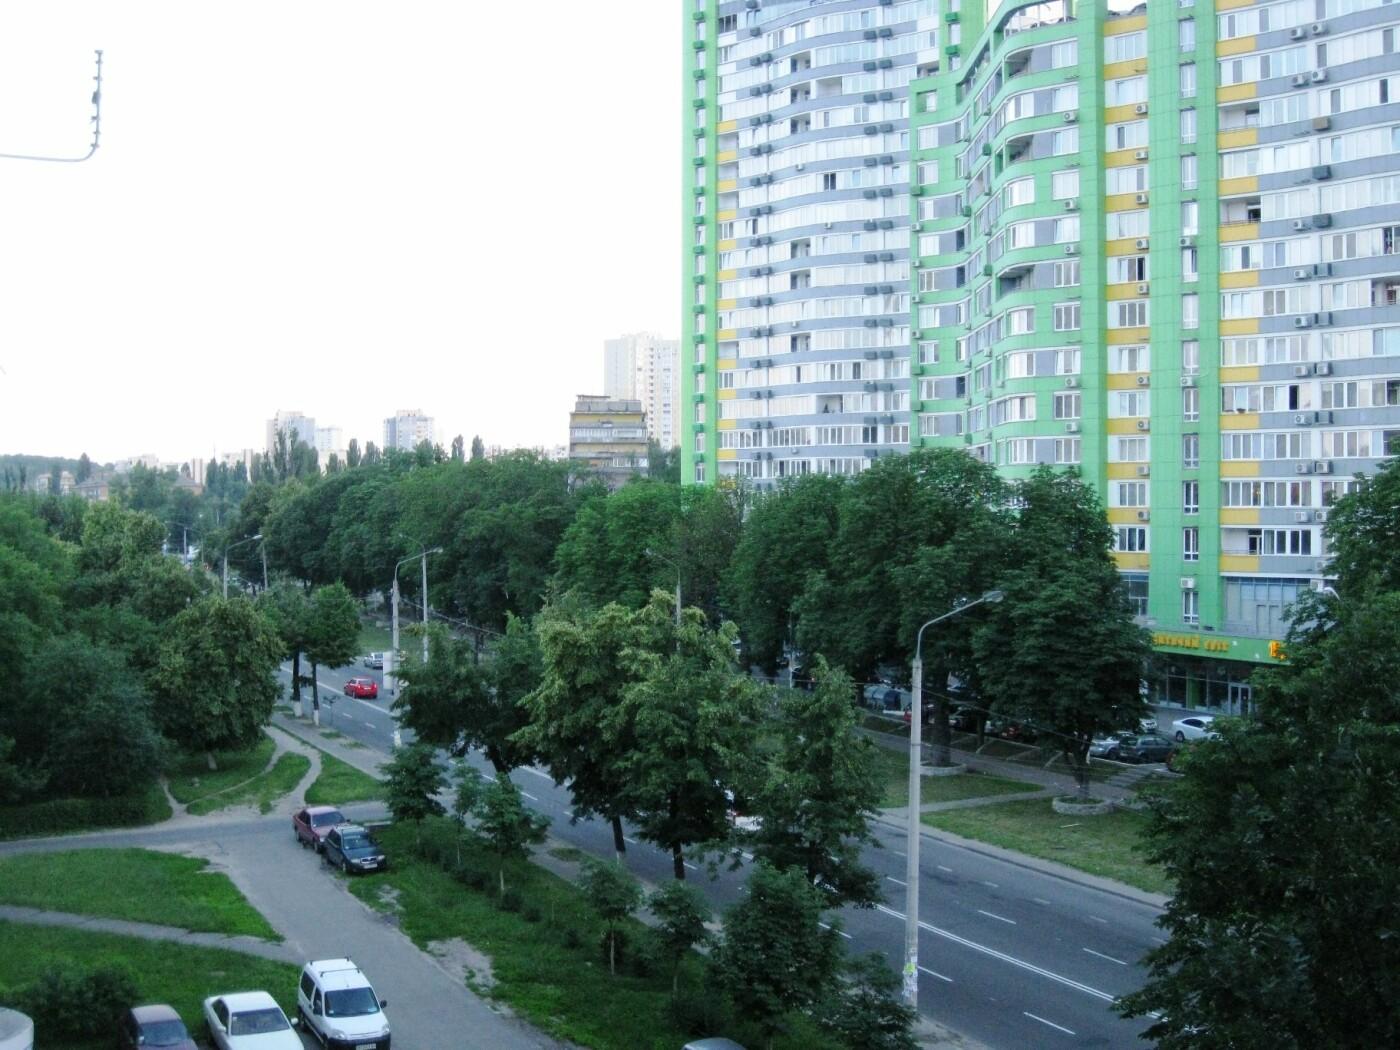 Приорка, Бортничи и Мостицкий массив: микрорайоны Киева и почему они так называются, Фото: Википедия